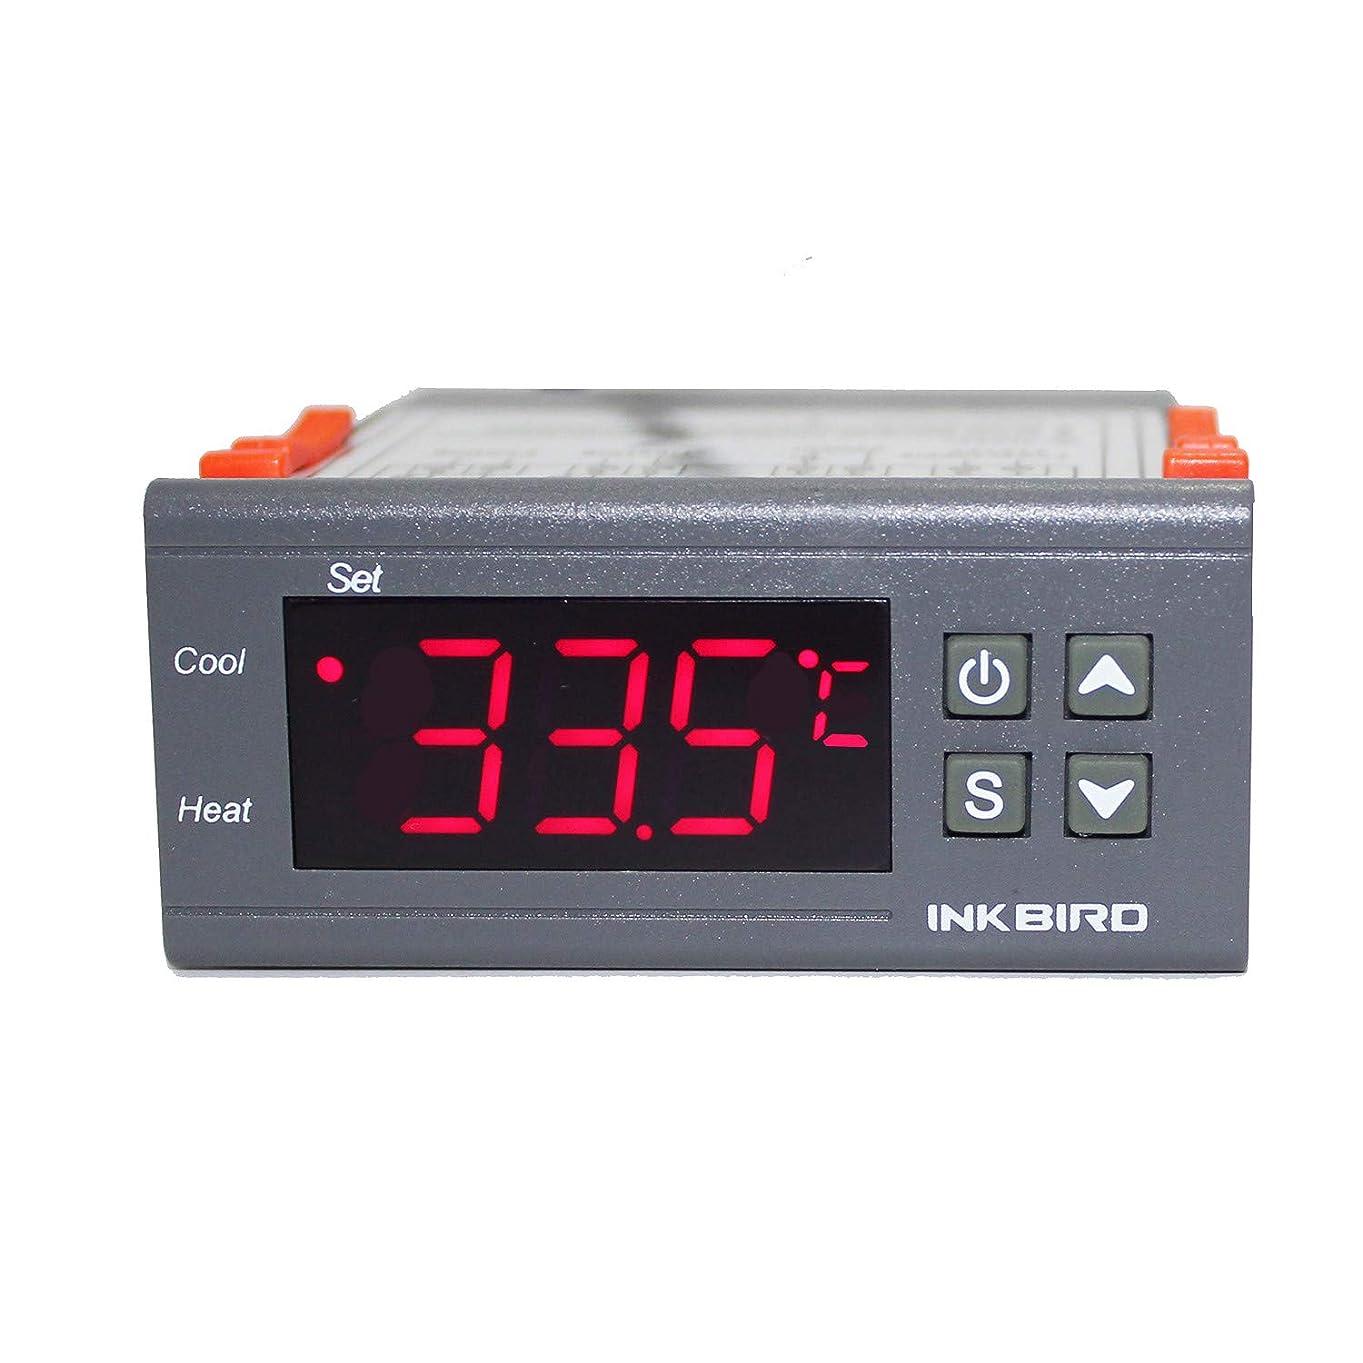 ハロウィンる寛容なInkbird デジタル 温度調節器 110V ITC-1000 センサー付き 温度コントローラ【並行輸入品】